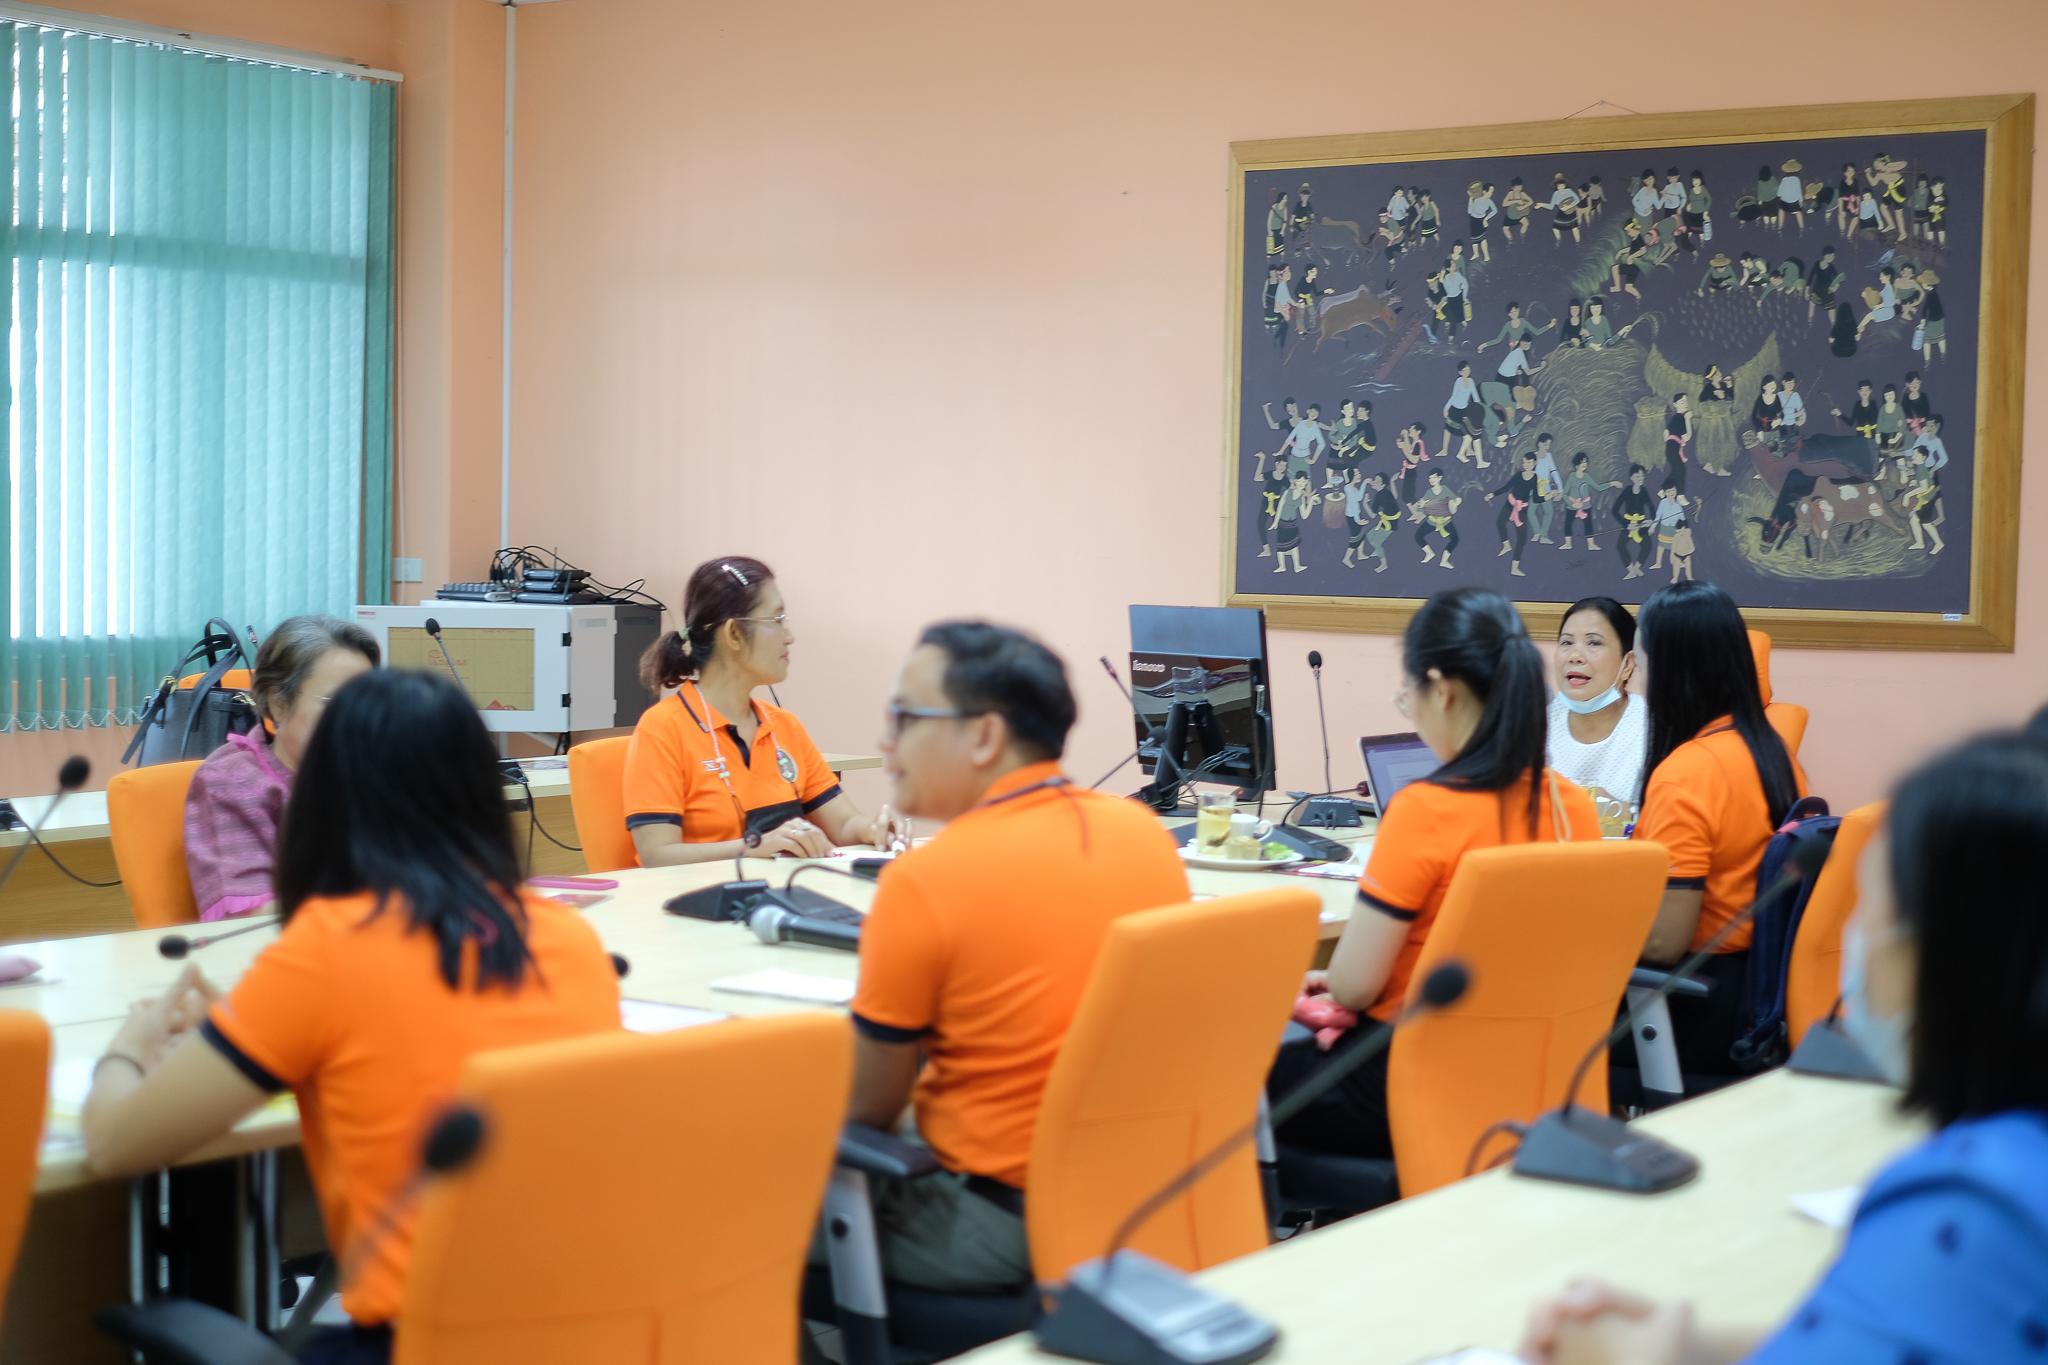 กิจกรรมการจัดการความรู้เพื่อพัฒนาการจัดการงานสนับสนุนวิชาการแบบมืออาชีพ